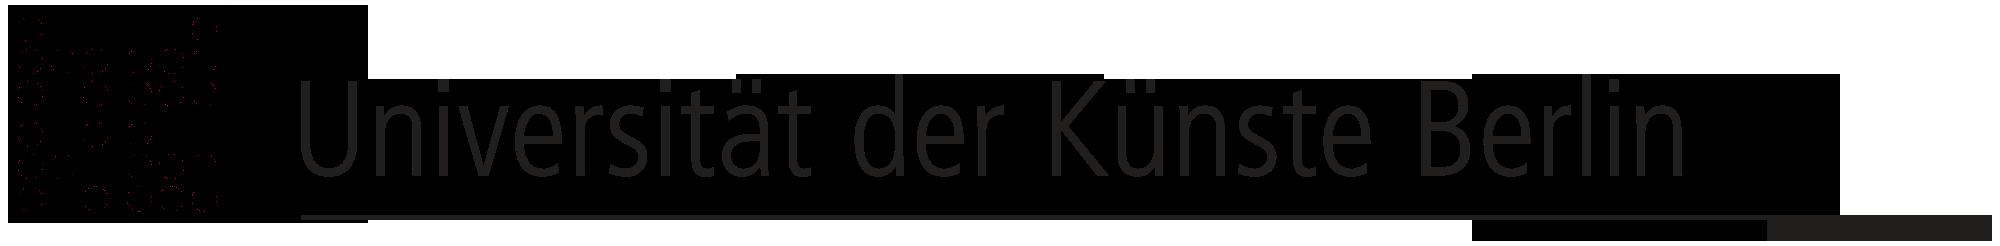 UdK_Berlin-Logo_Kopie